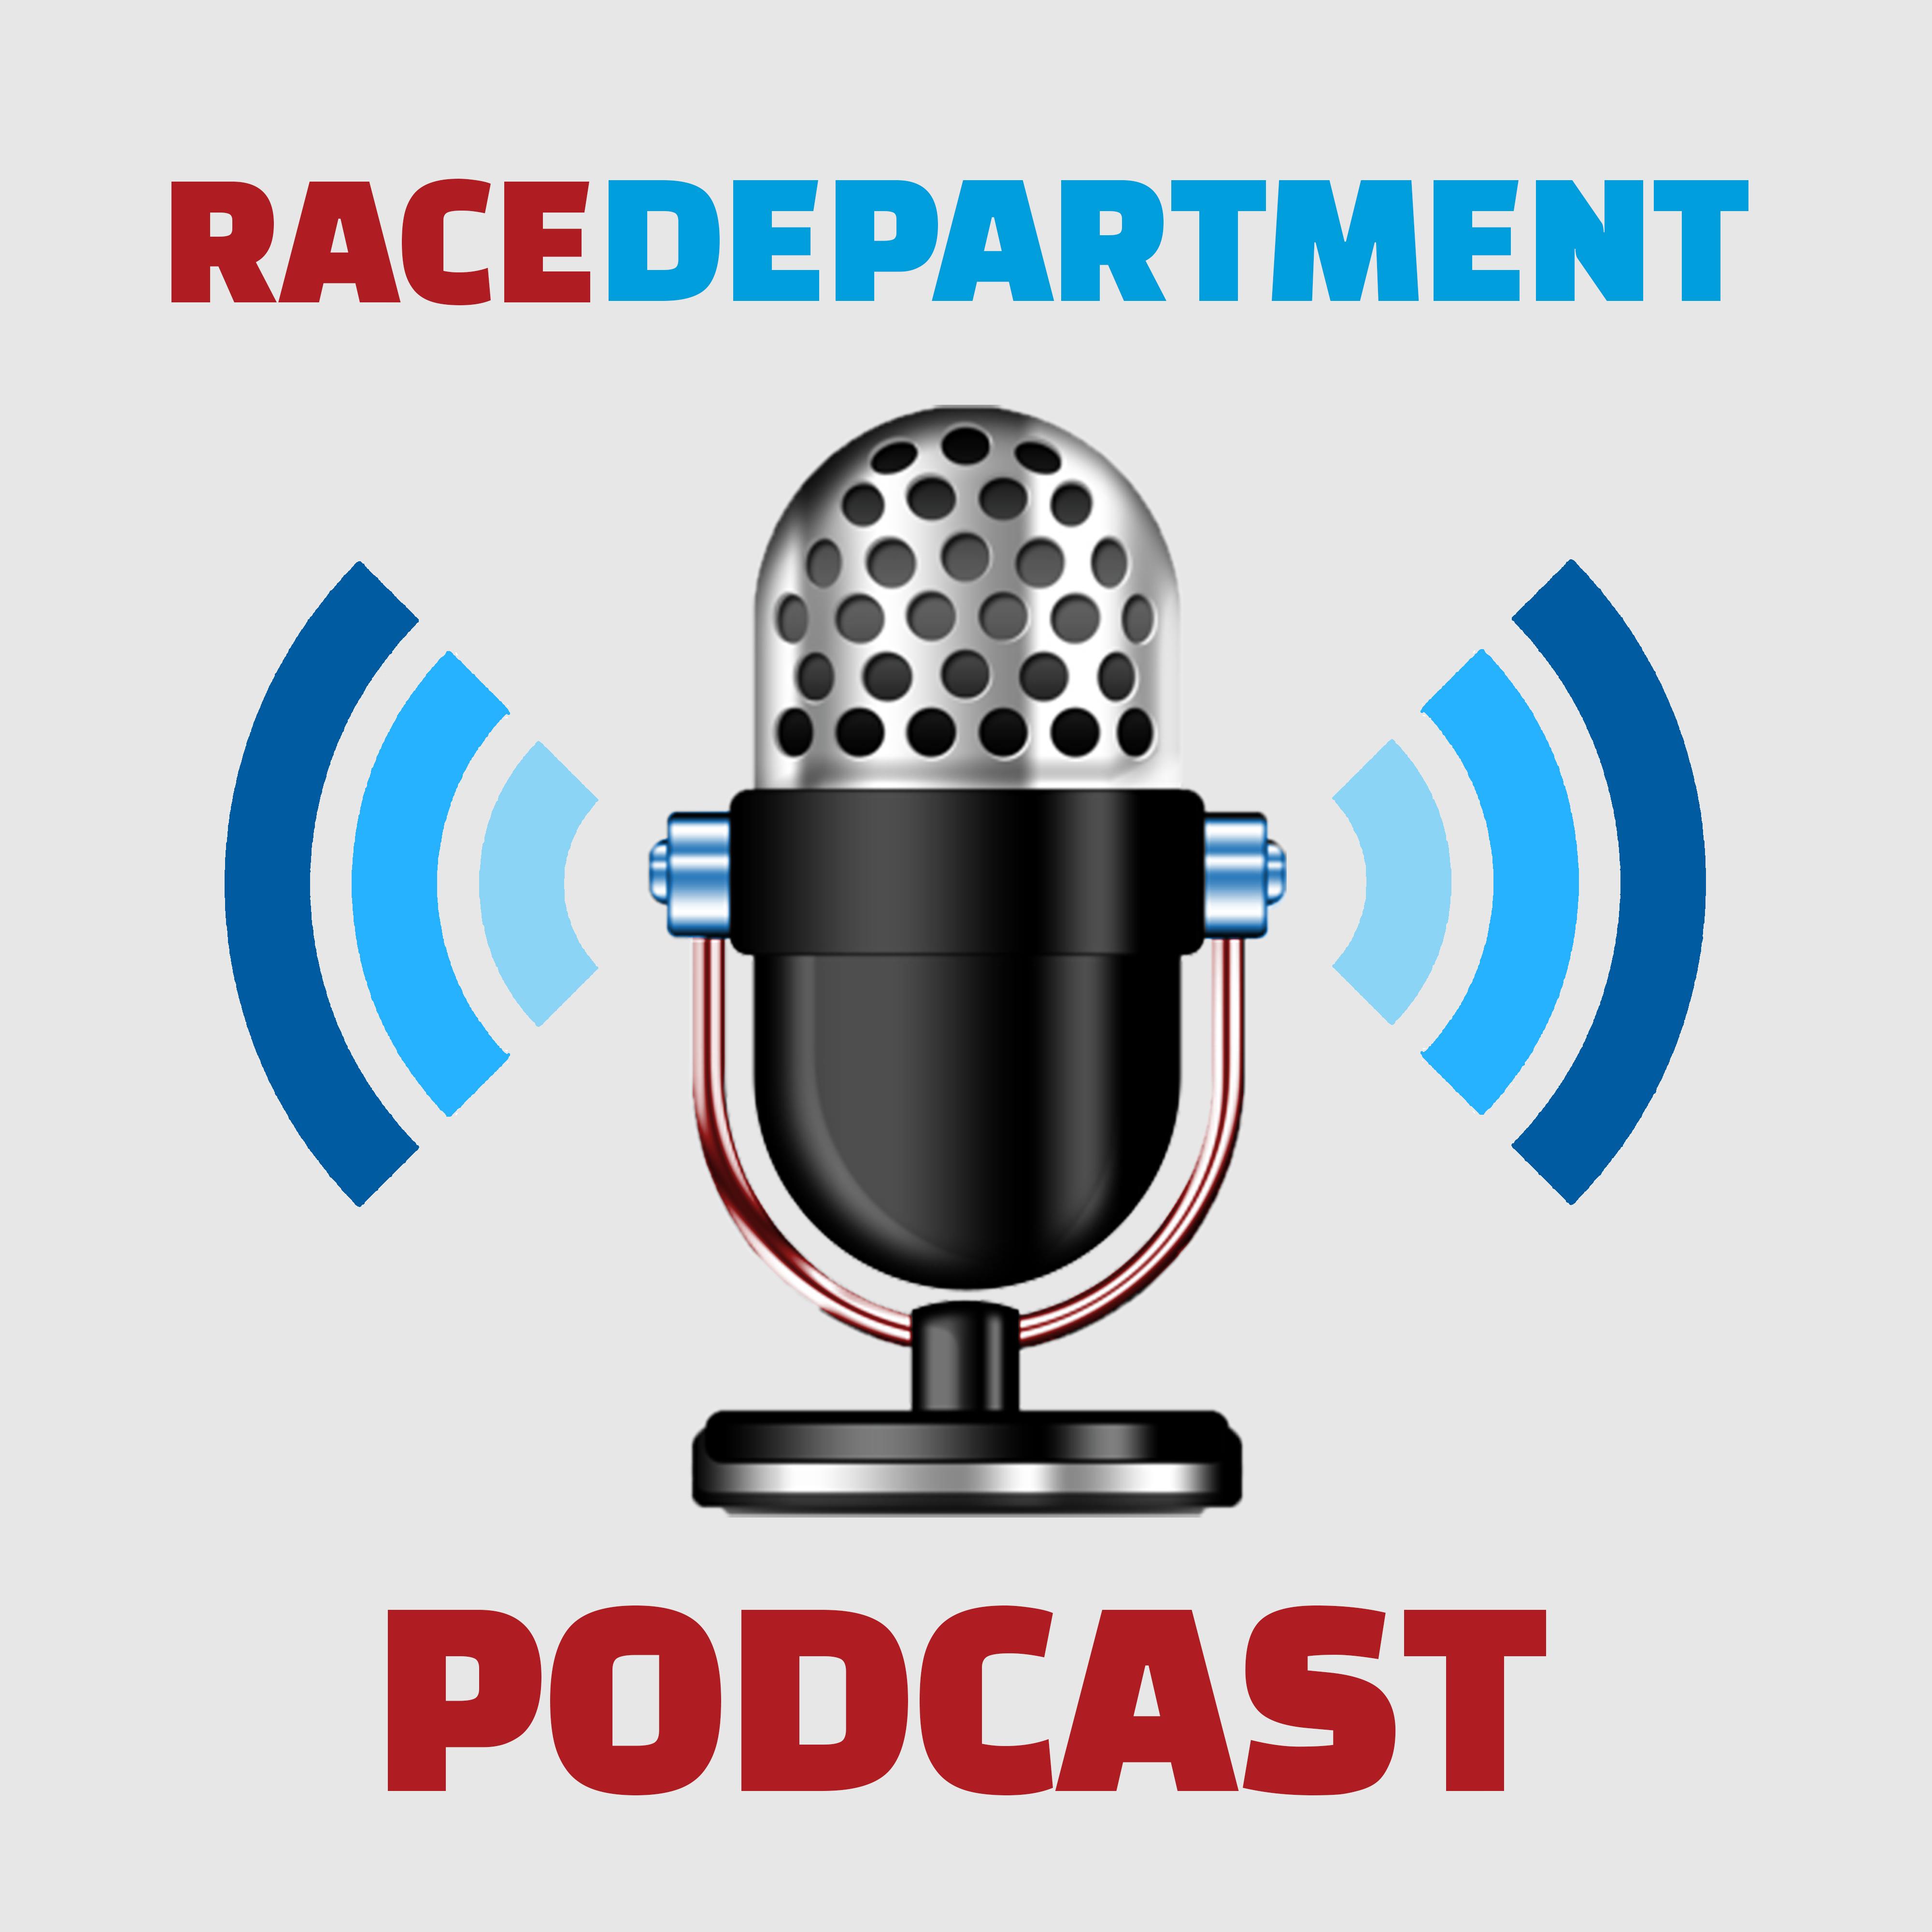 Rd Podcast3.jpg